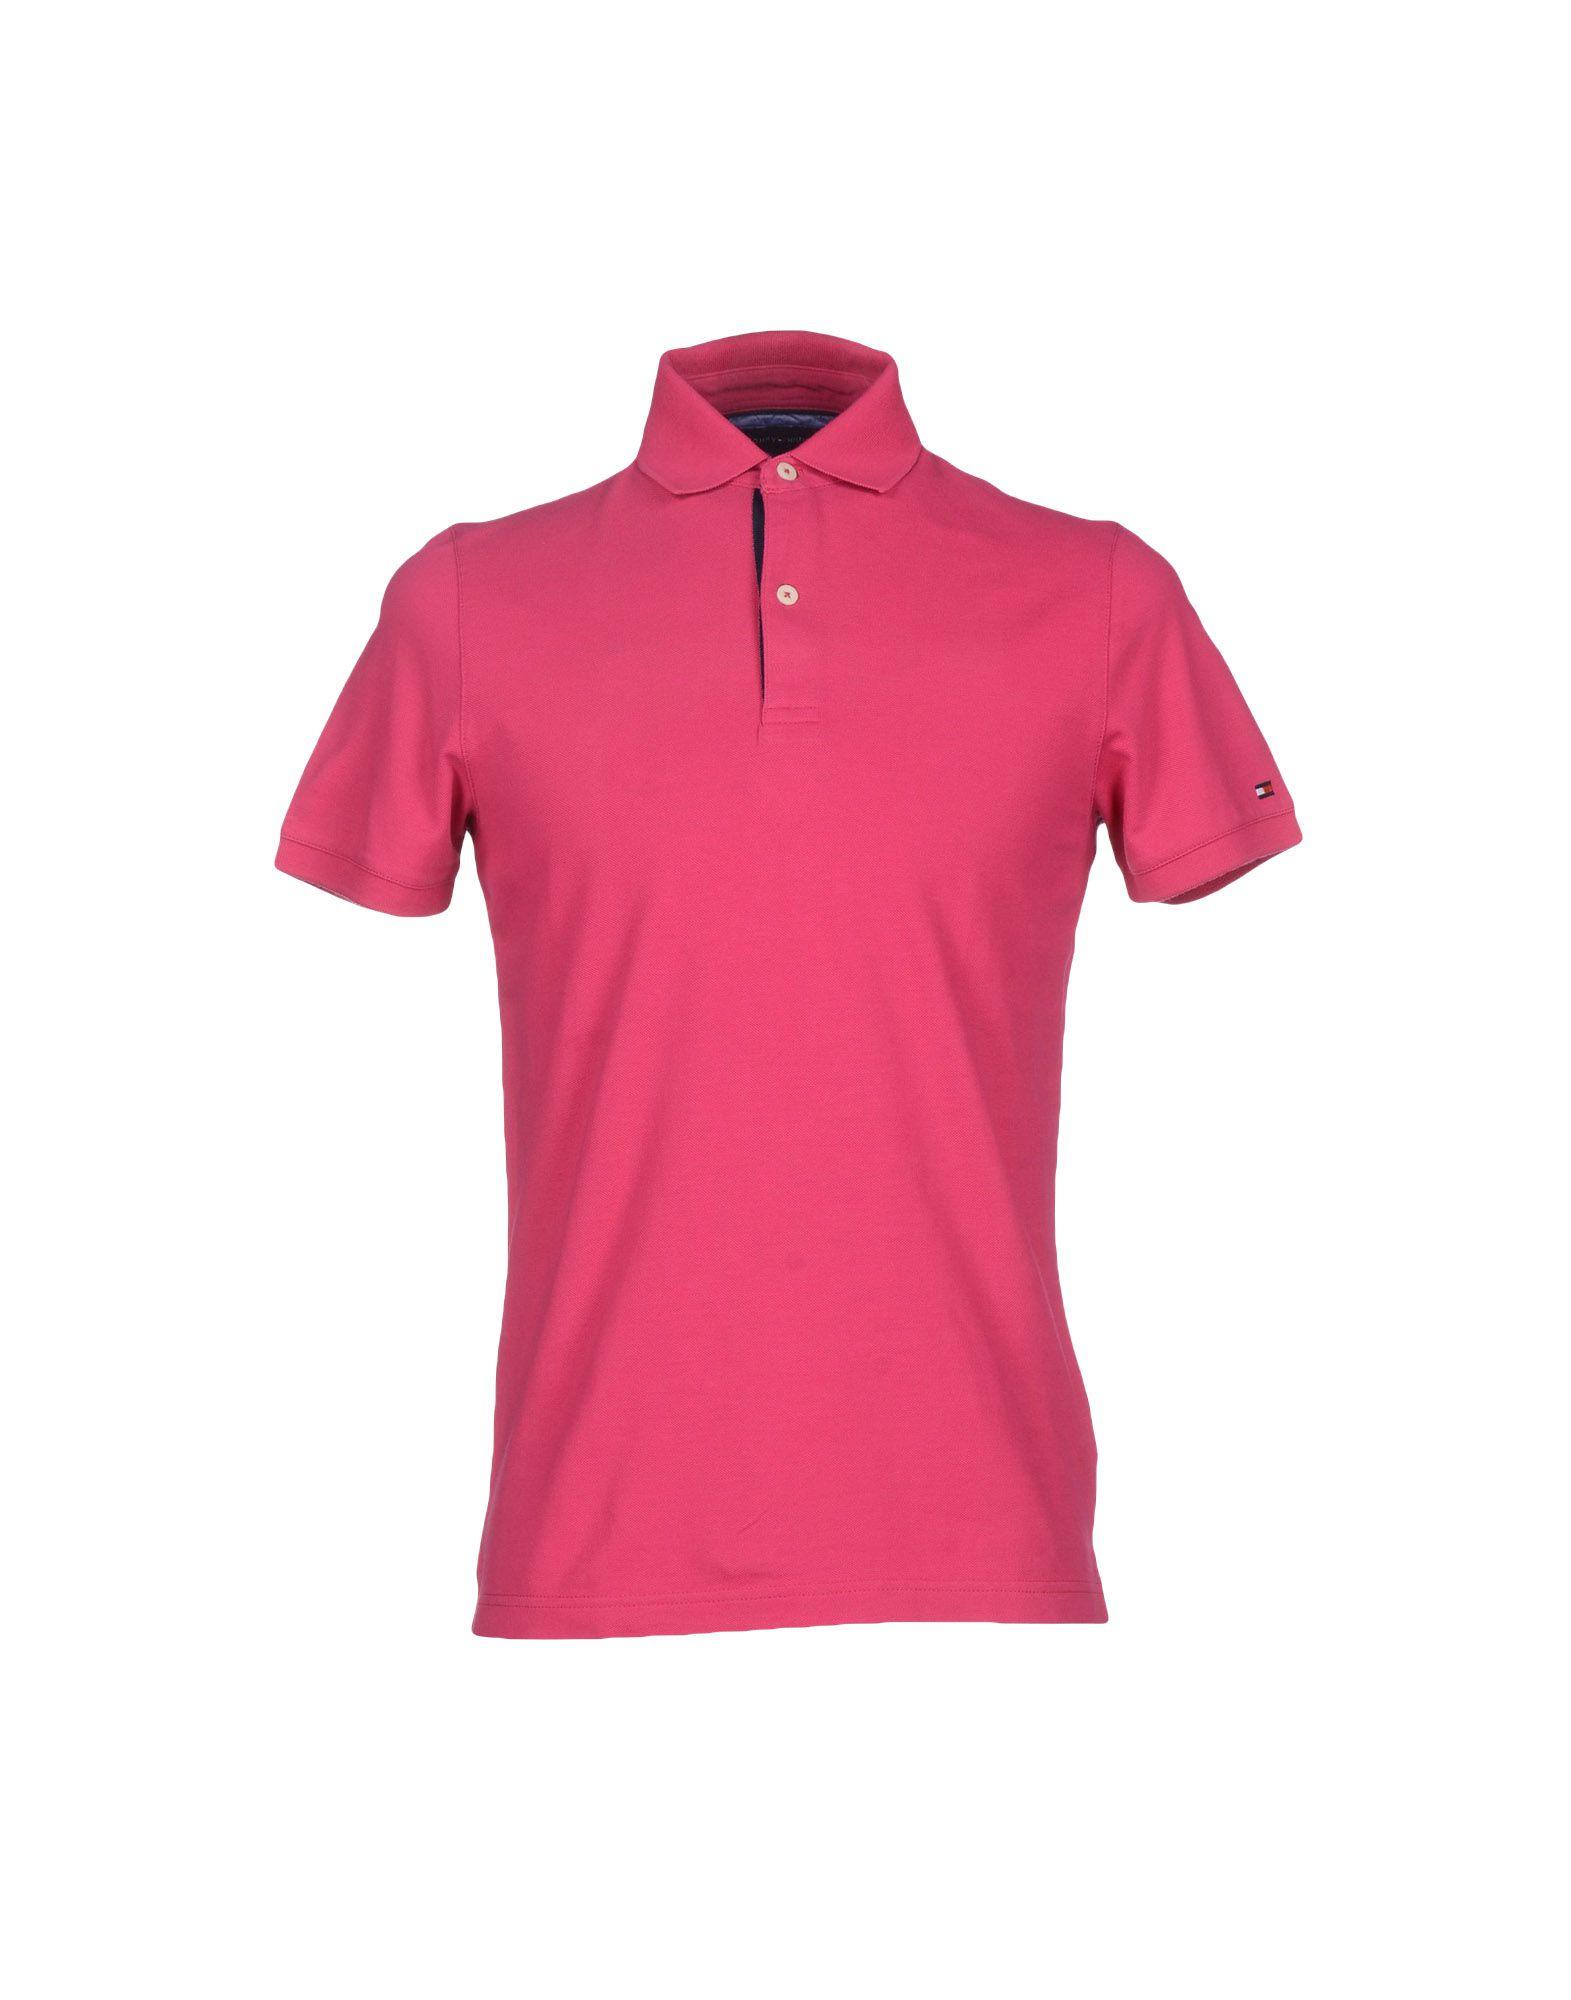 tommy hilfiger polo shirt in purple for men garnet lyst. Black Bedroom Furniture Sets. Home Design Ideas